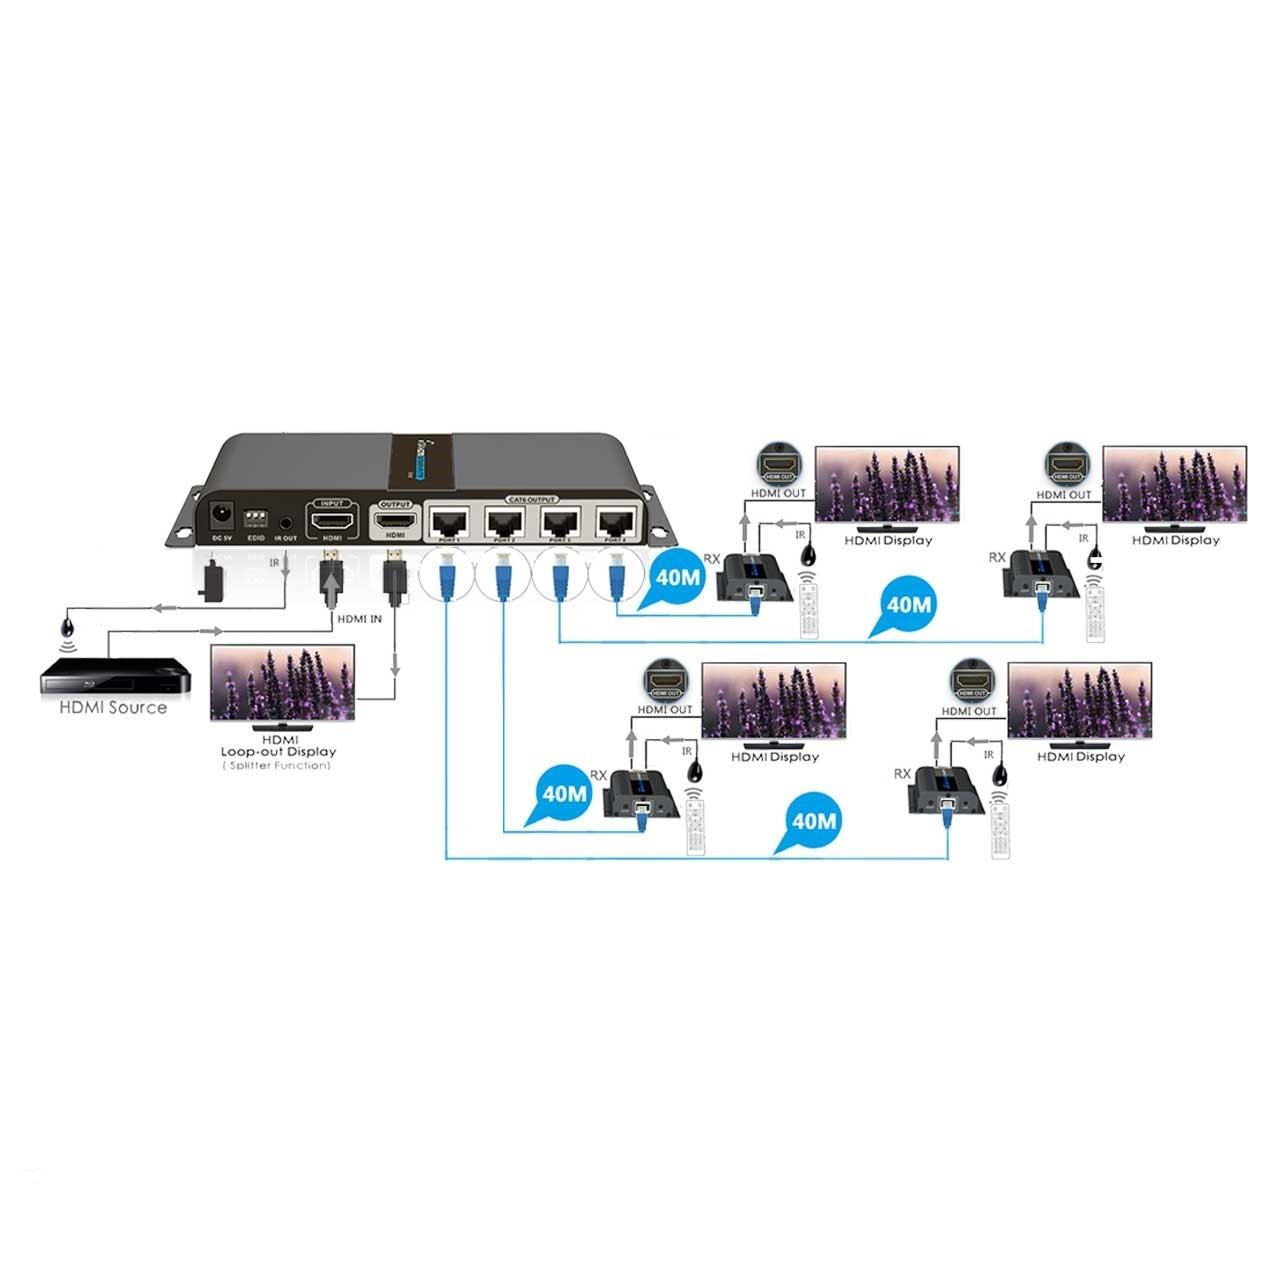 Kit Extensor Divisor Splitter HDMI 1x4 Cat5/6 LKV714pro